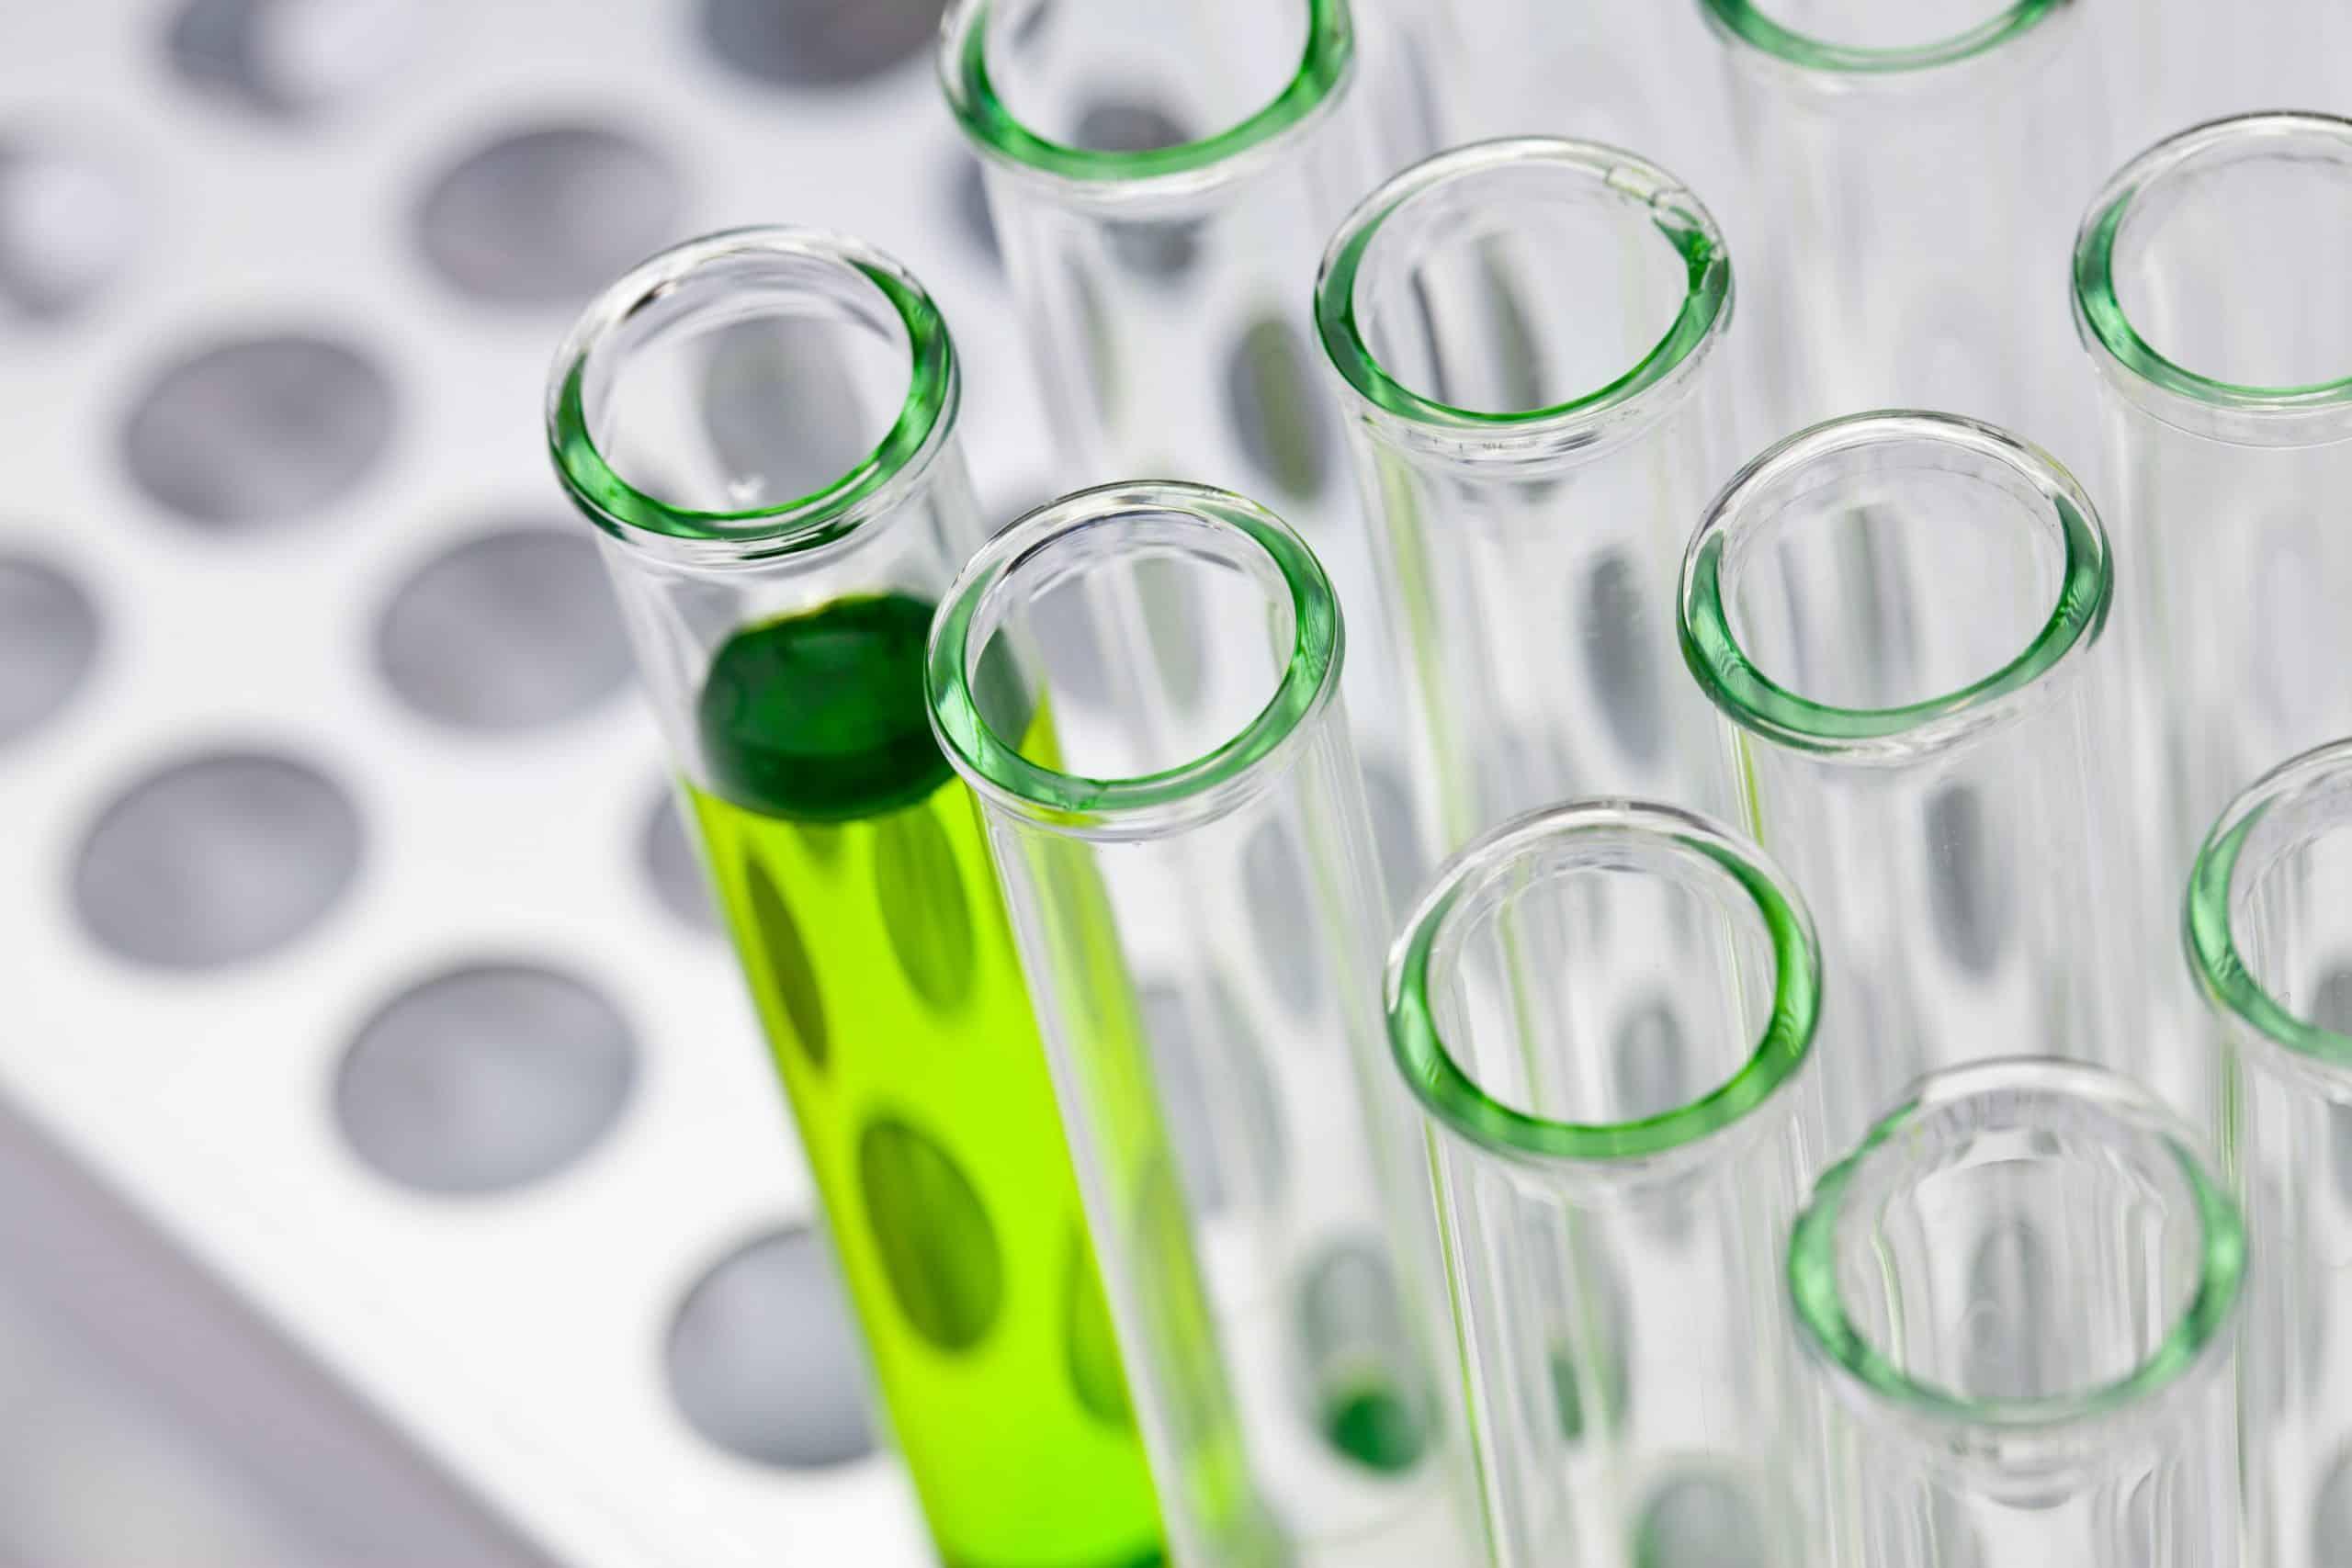 Chemieunternehmen aus Ludwigshafen engagiert sich für Lithium-Recycling in Schwarzheide